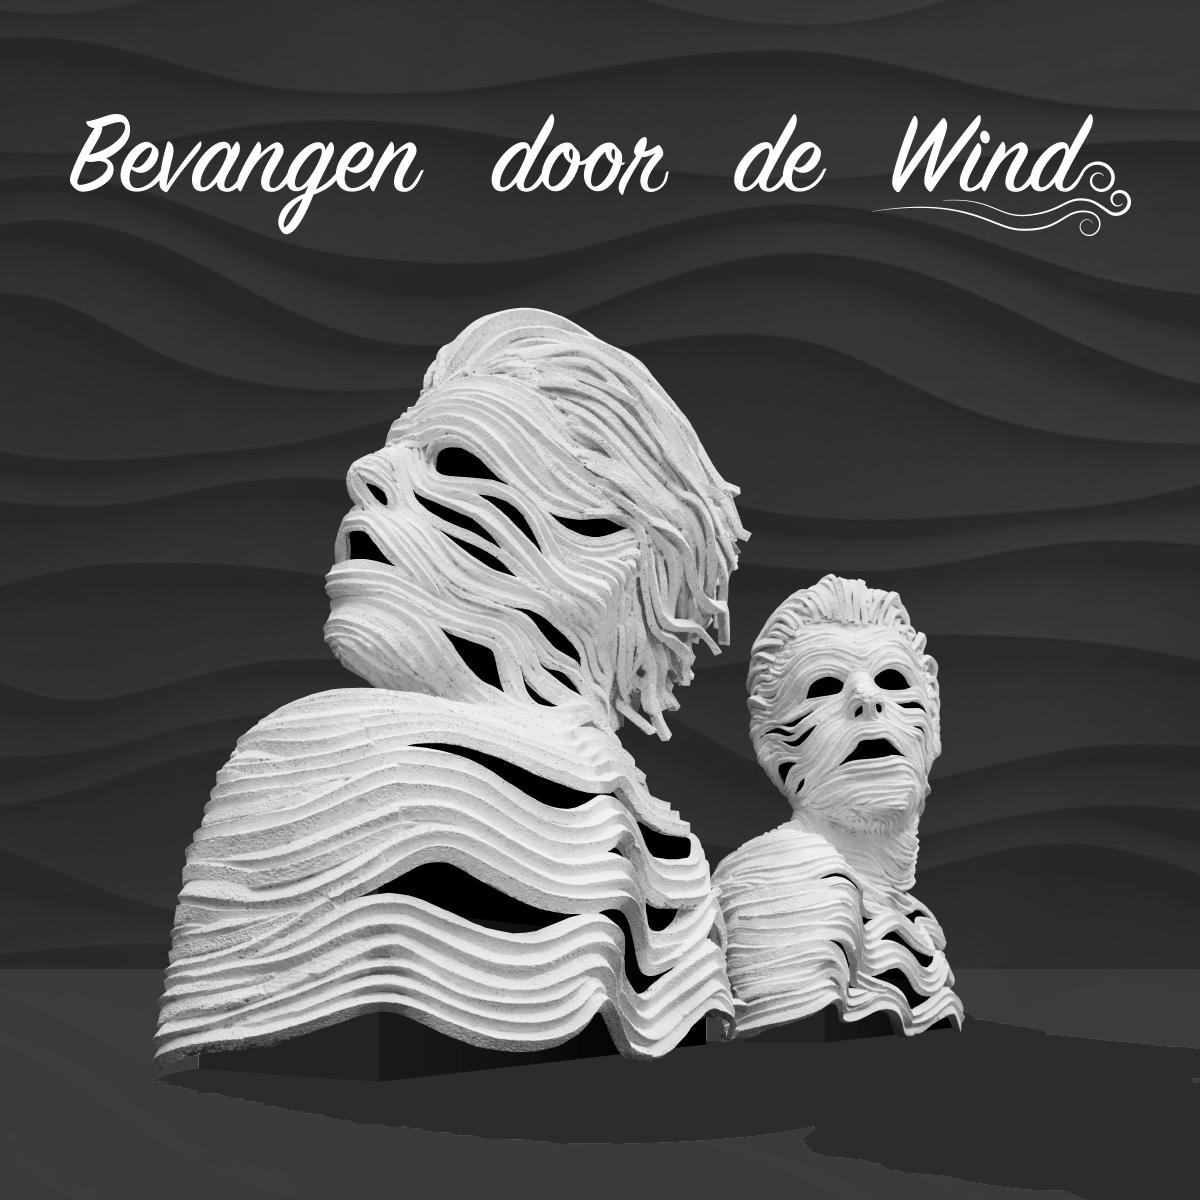 Bevangen-door-de-wind_schuin_voor_Blokje